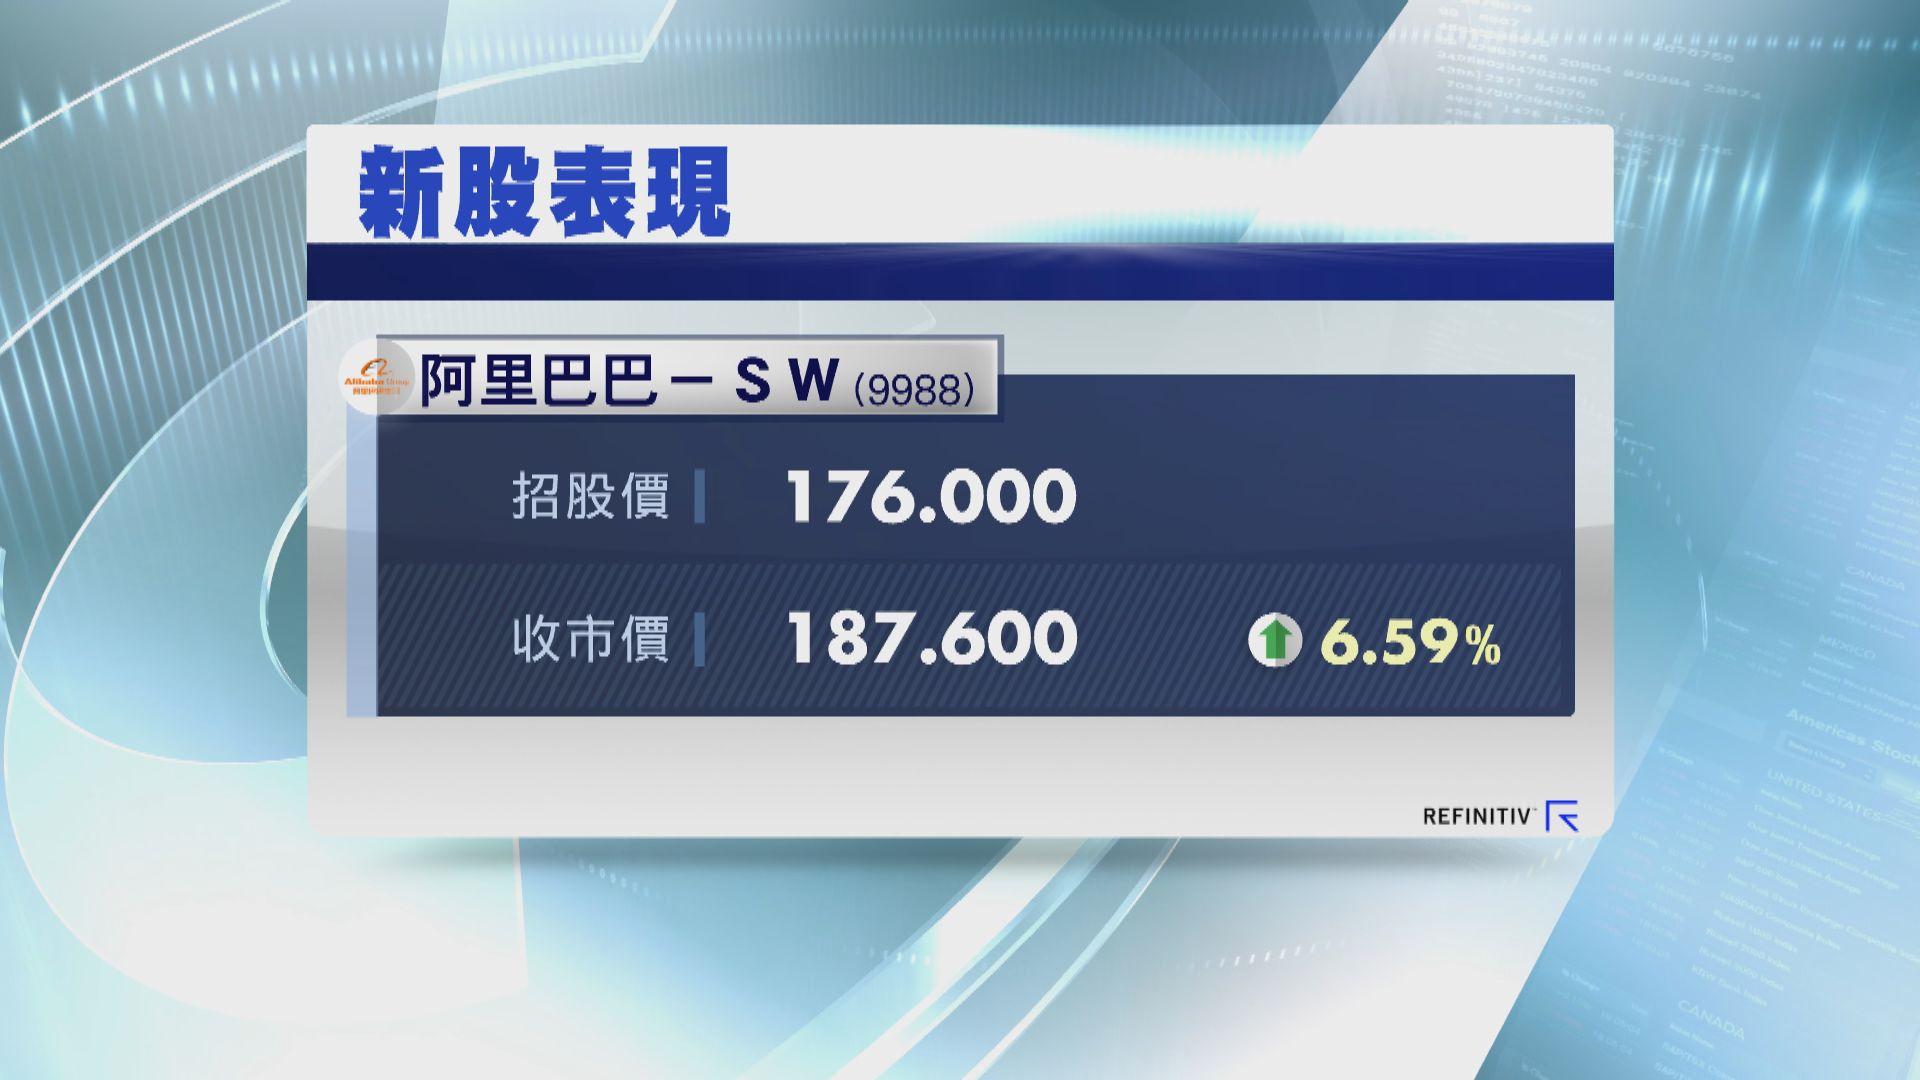 【首日表現】阿里巴巴收市較招股價高逾6%